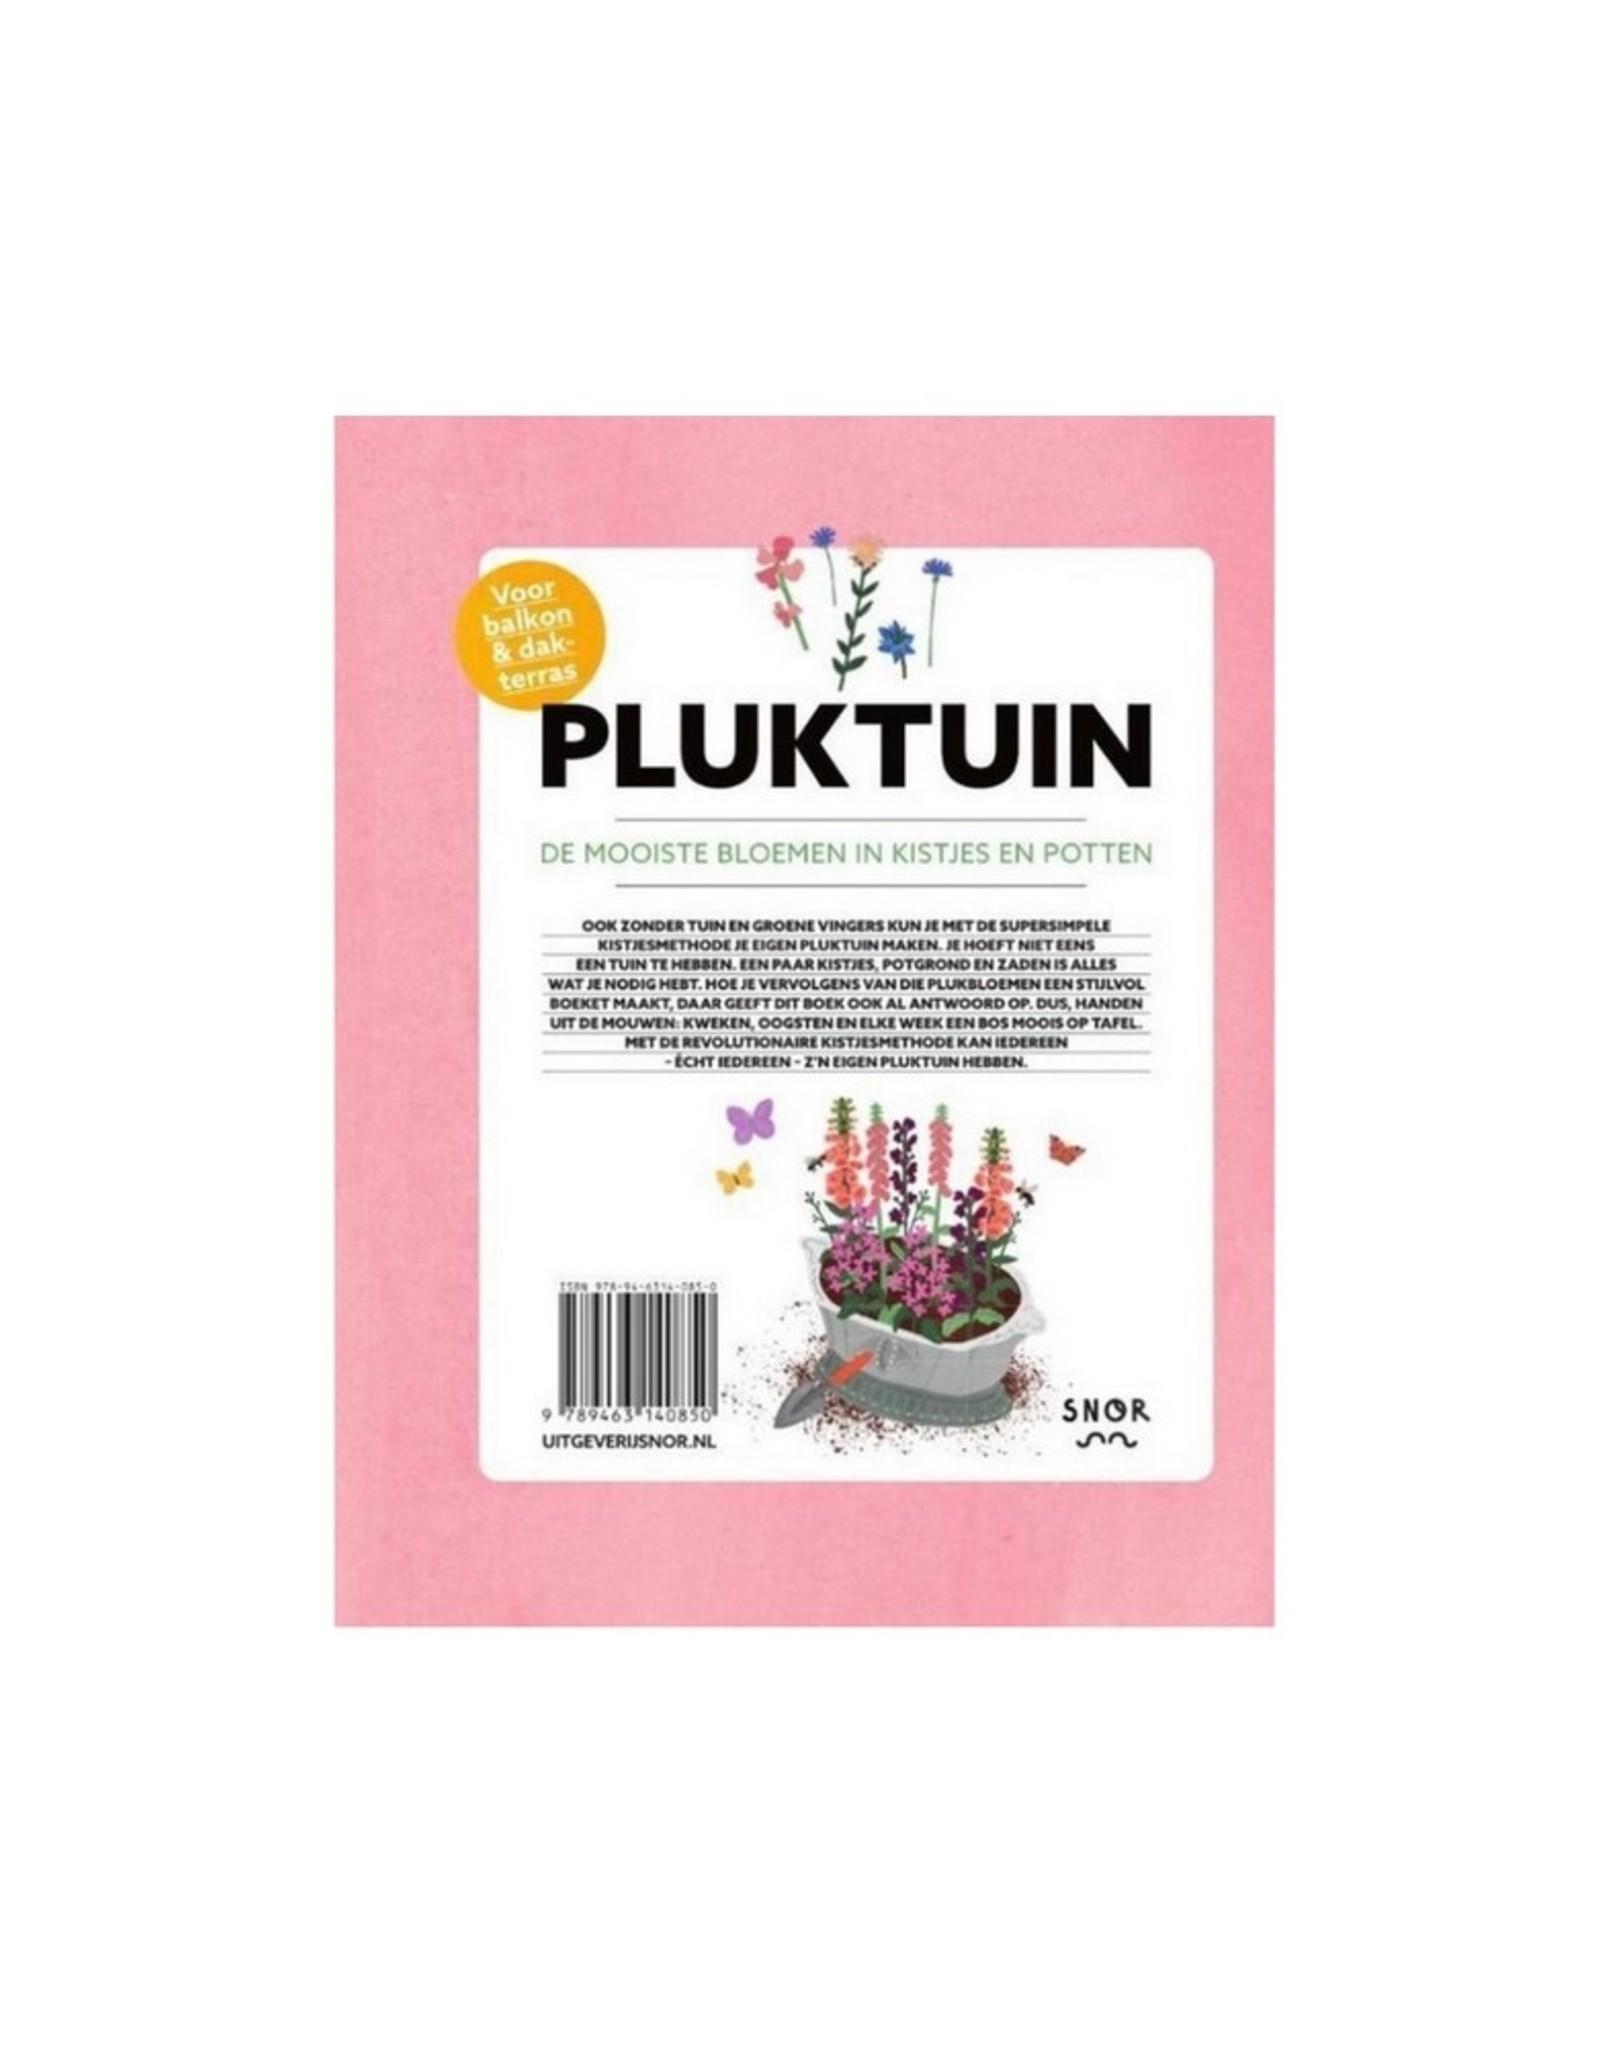 Uitgeverij Snor Pluktuin